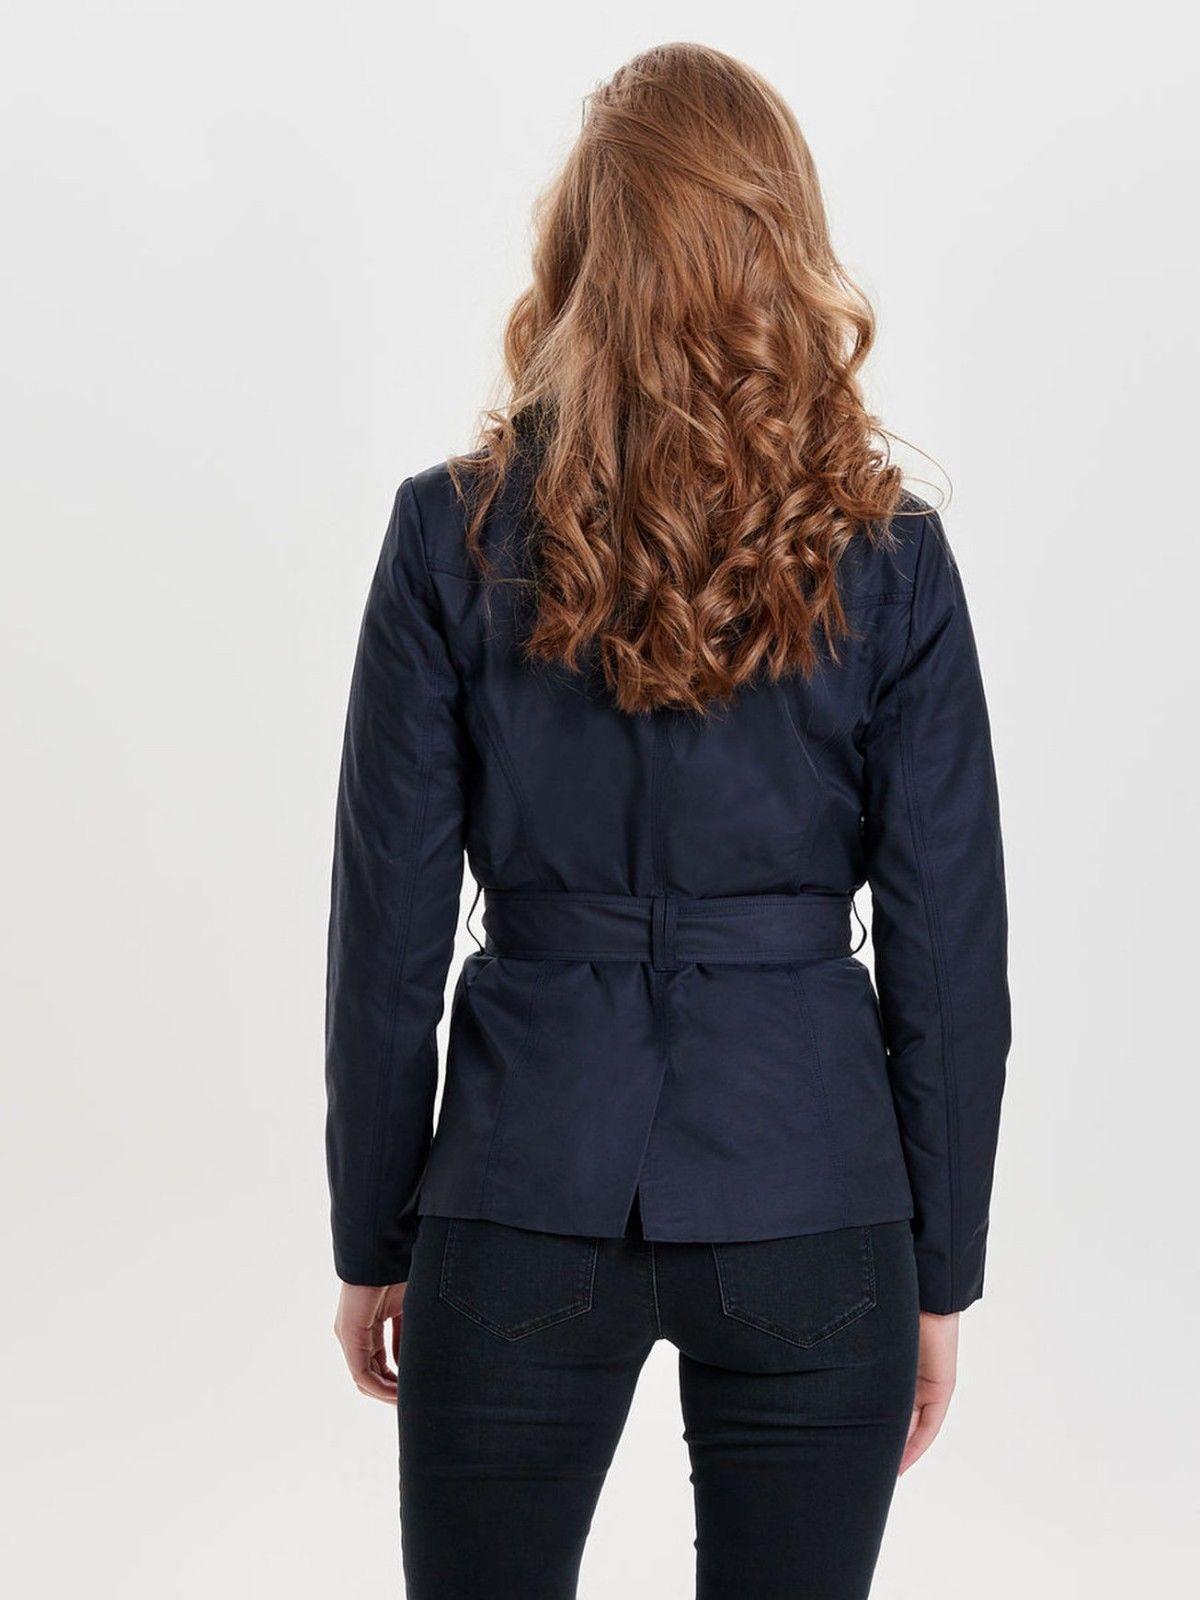 online store b3b98 f37e7 Cappotti e giacche Only Piumino Cappotto Donna Blu Night Sky ...